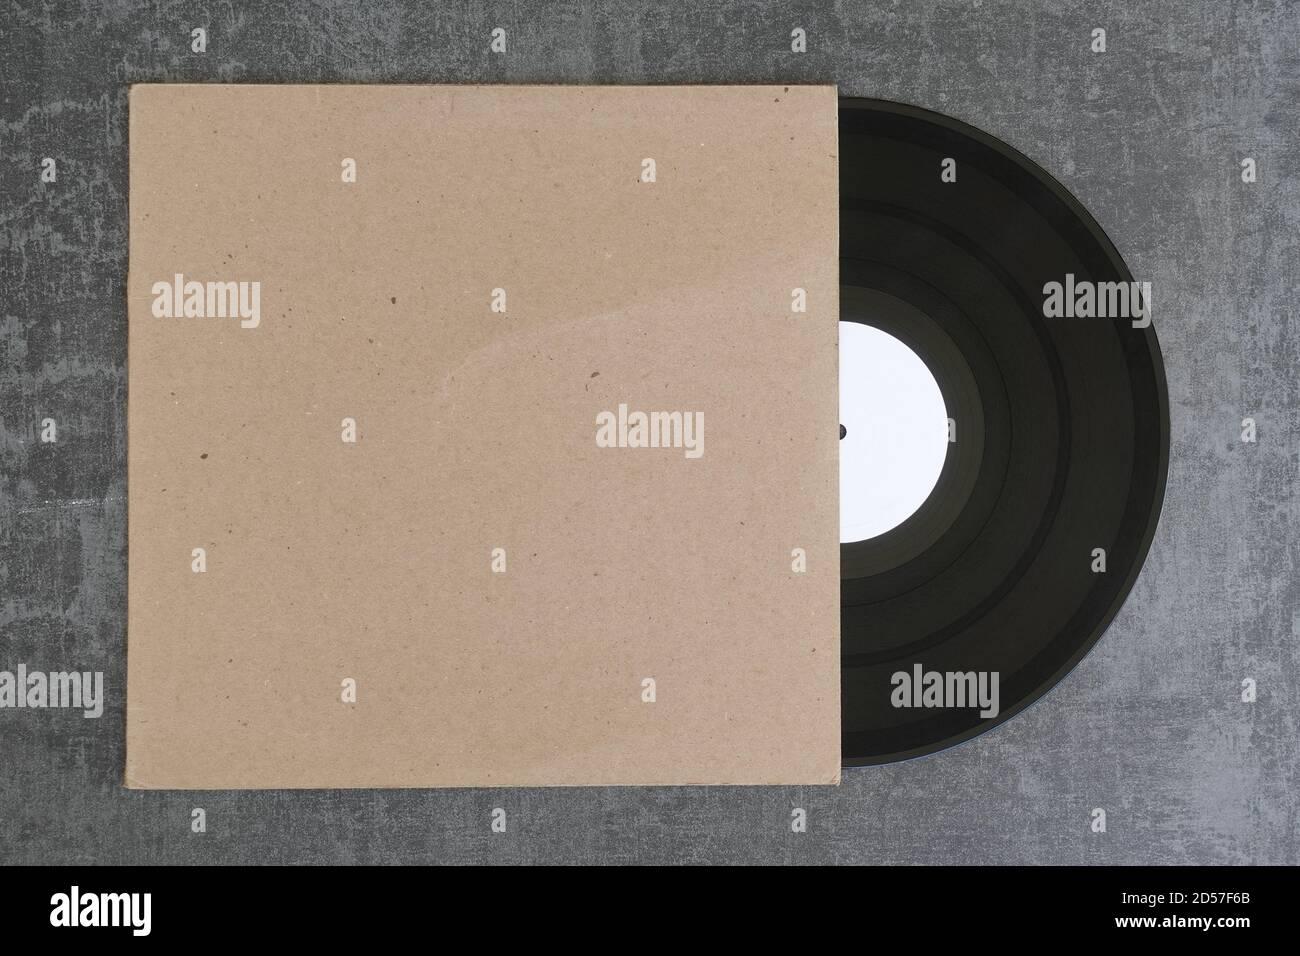 Etichetta bianca con disco in vinile e copertina generica in cartone bianco. Elemento di design con spazio di copia per il tuo logo o grafica. Foto Stock